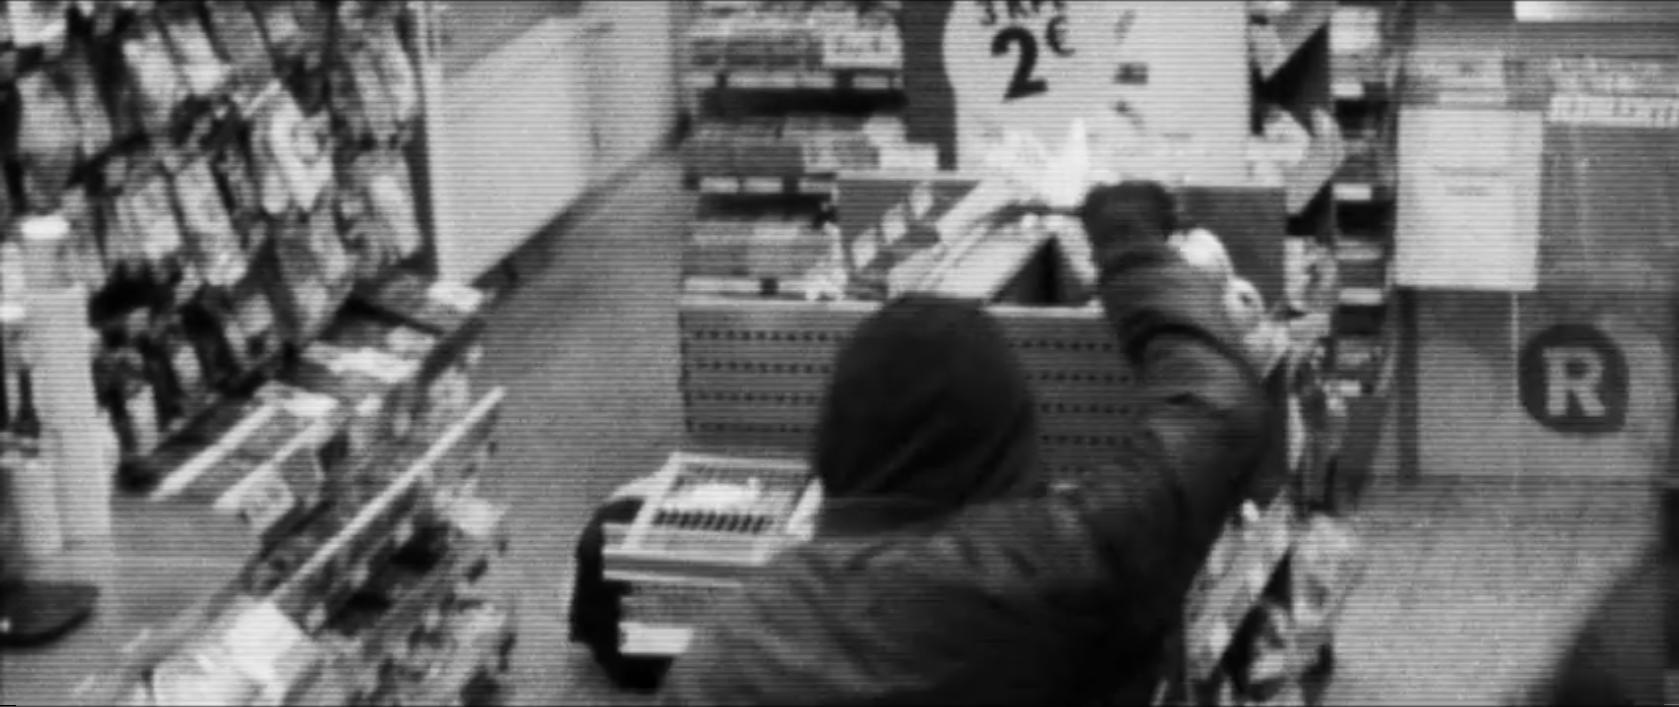 Elämme maailmassa, jossa R-kioski maksaatuotantoyhtiölle näkyvyydestä elokuvassa, jossa sopimusta kunnioittaen ryöstetään R-kioski. Fiktiivinen valvontakamerakuva on kuvakaappaus elokuvan trailerista.